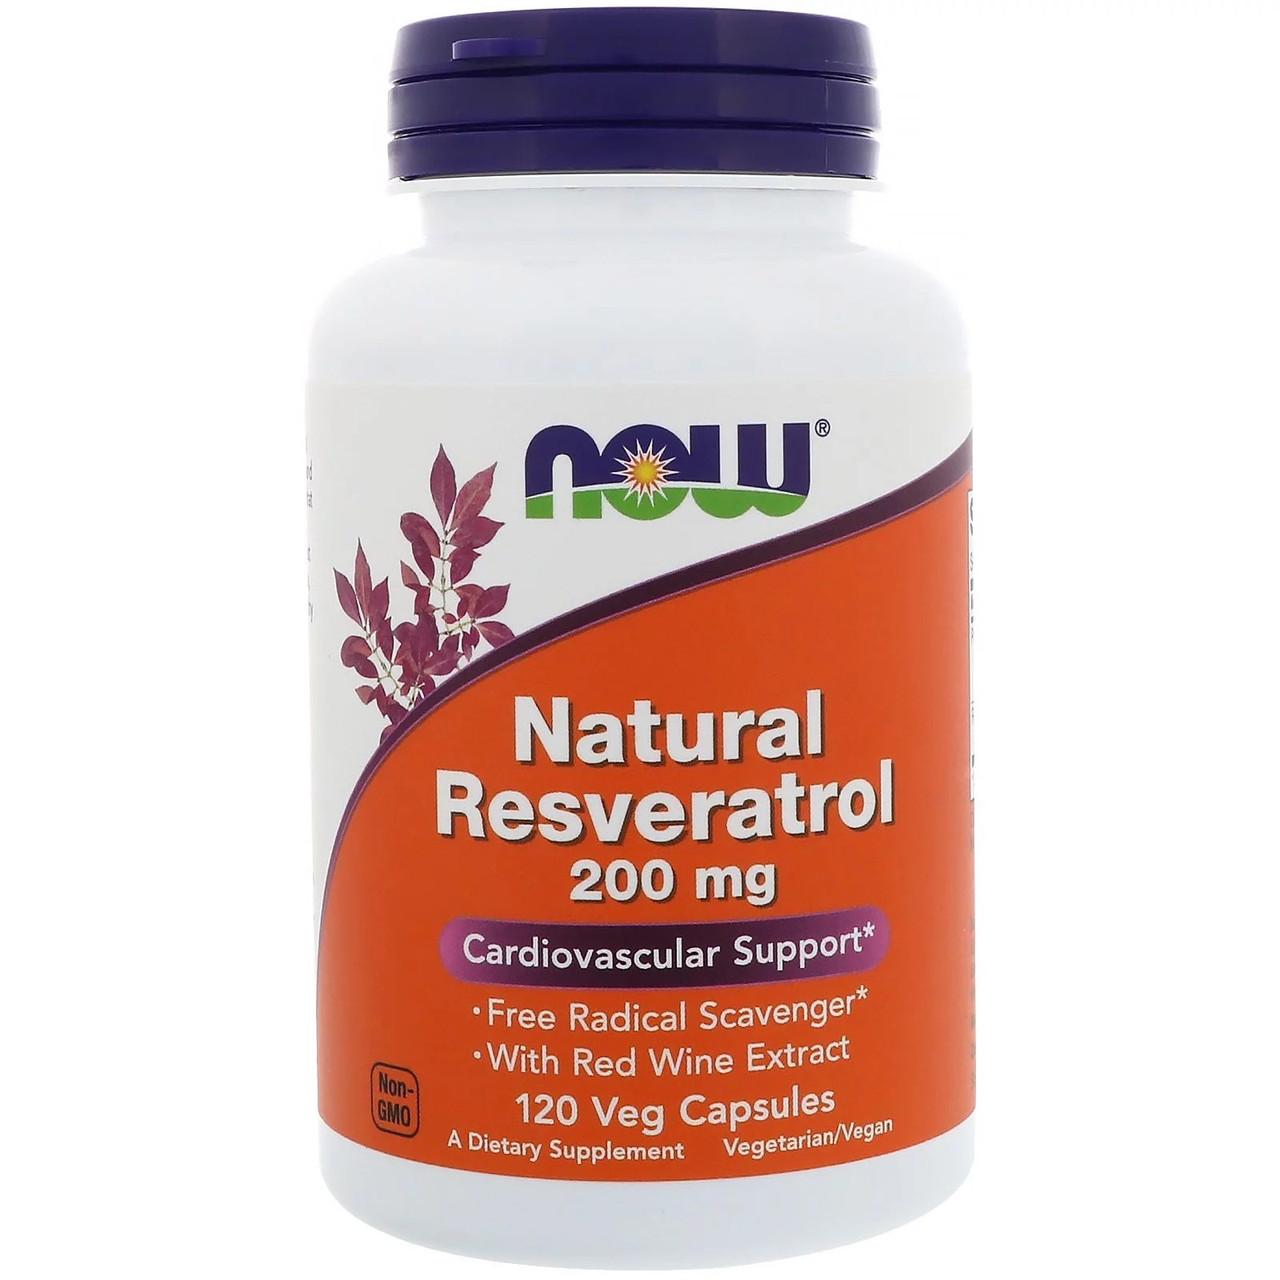 Now Foods Resveratrol USA Нау Фудс Натуральный ресвератрол от стресса 200 мг 120 растительных капсул